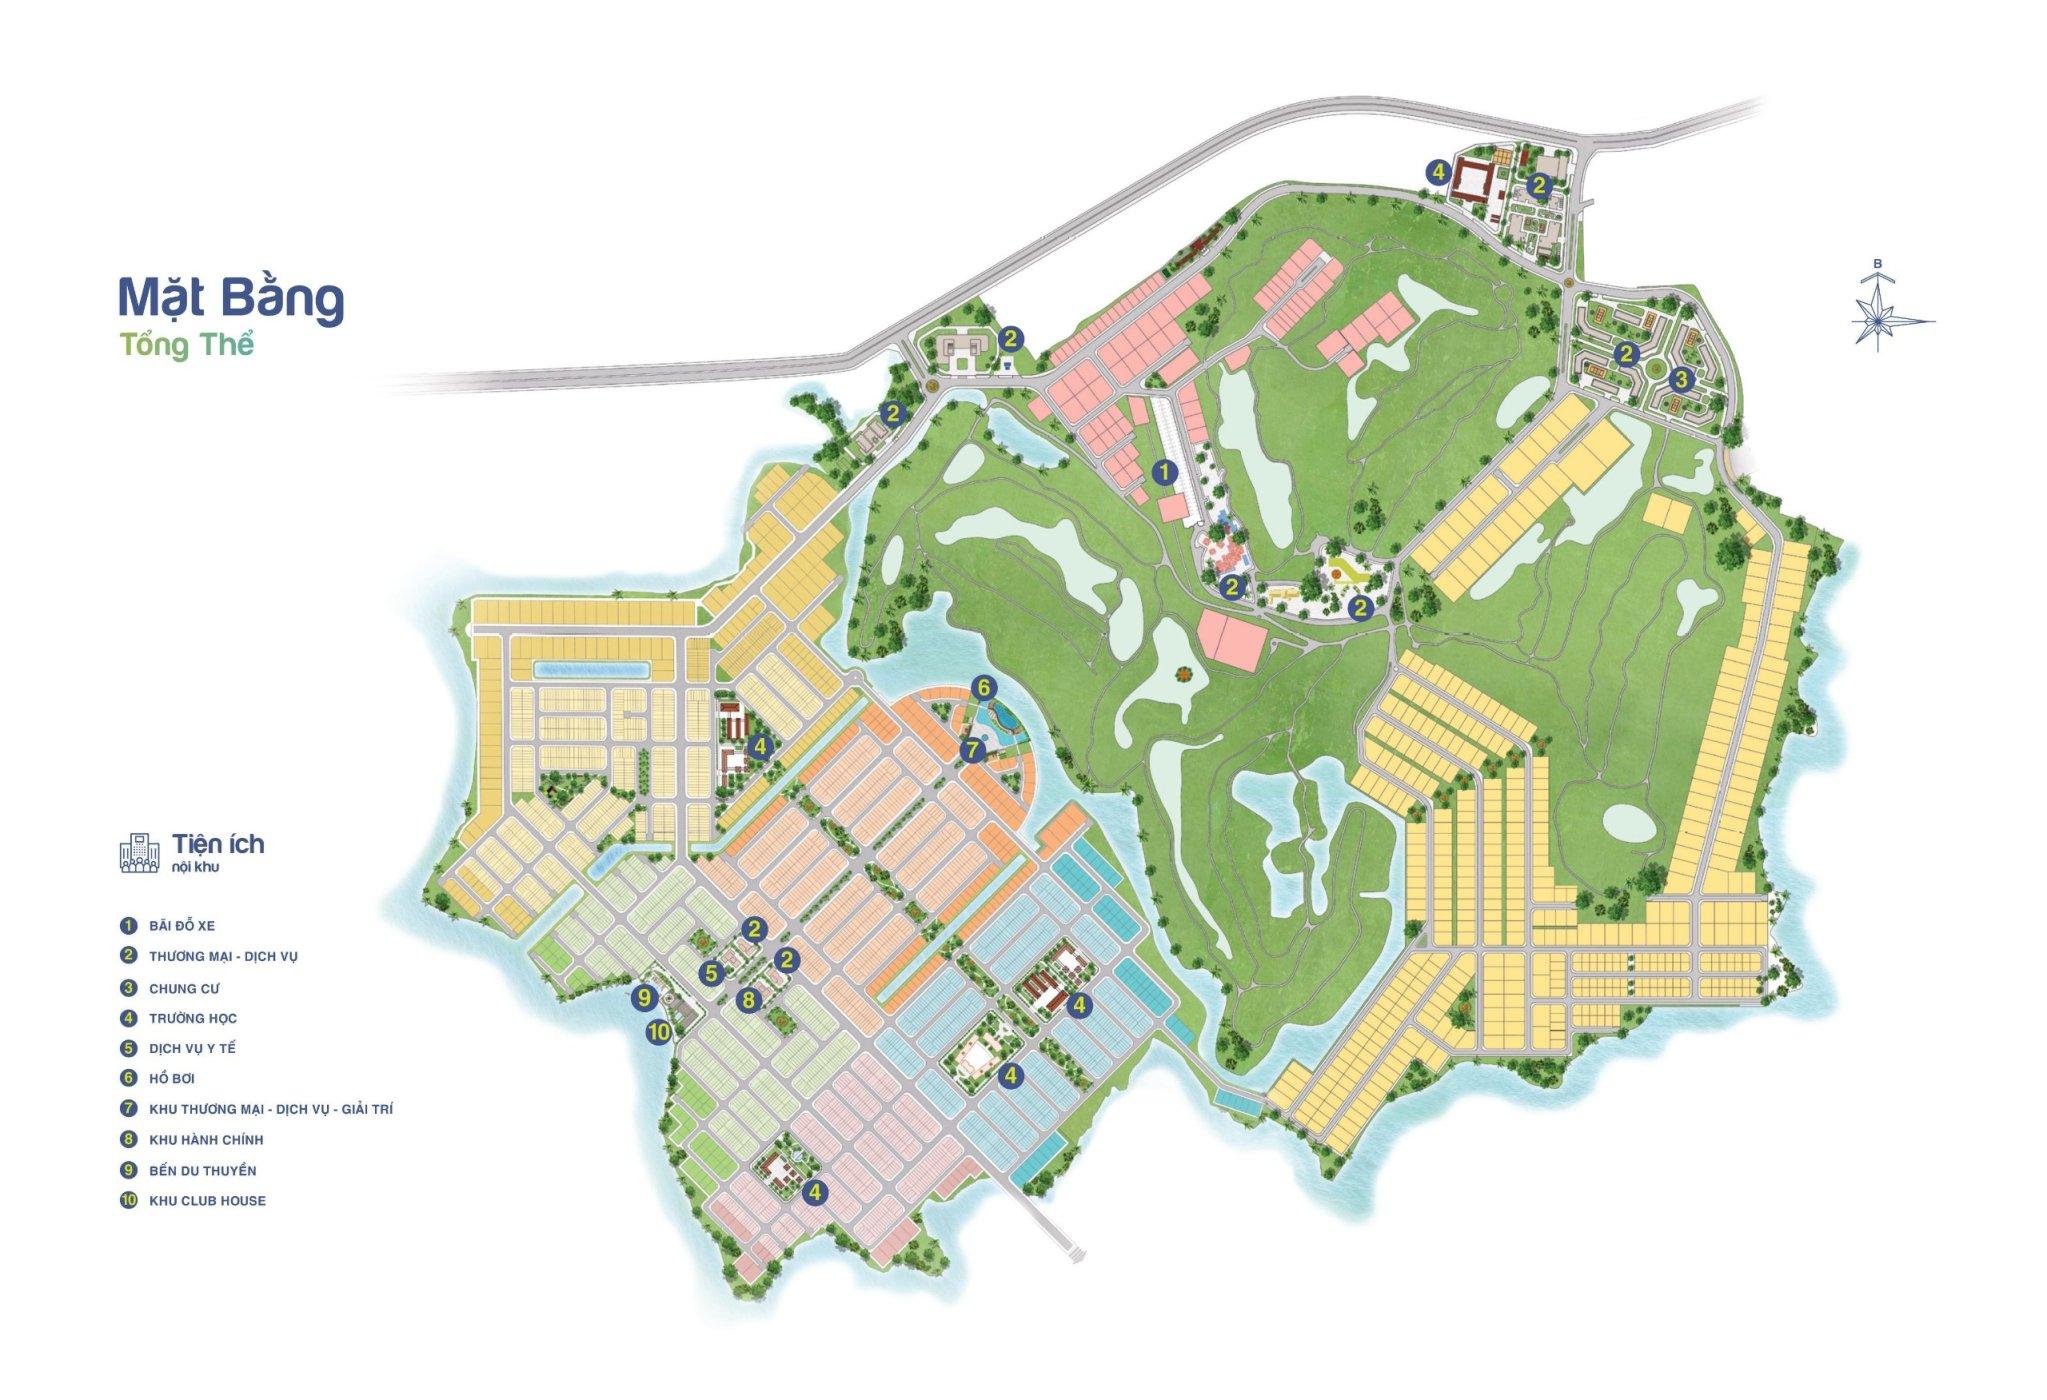 Mặt tổng thể toàn khu dự án Biên Hoa New City